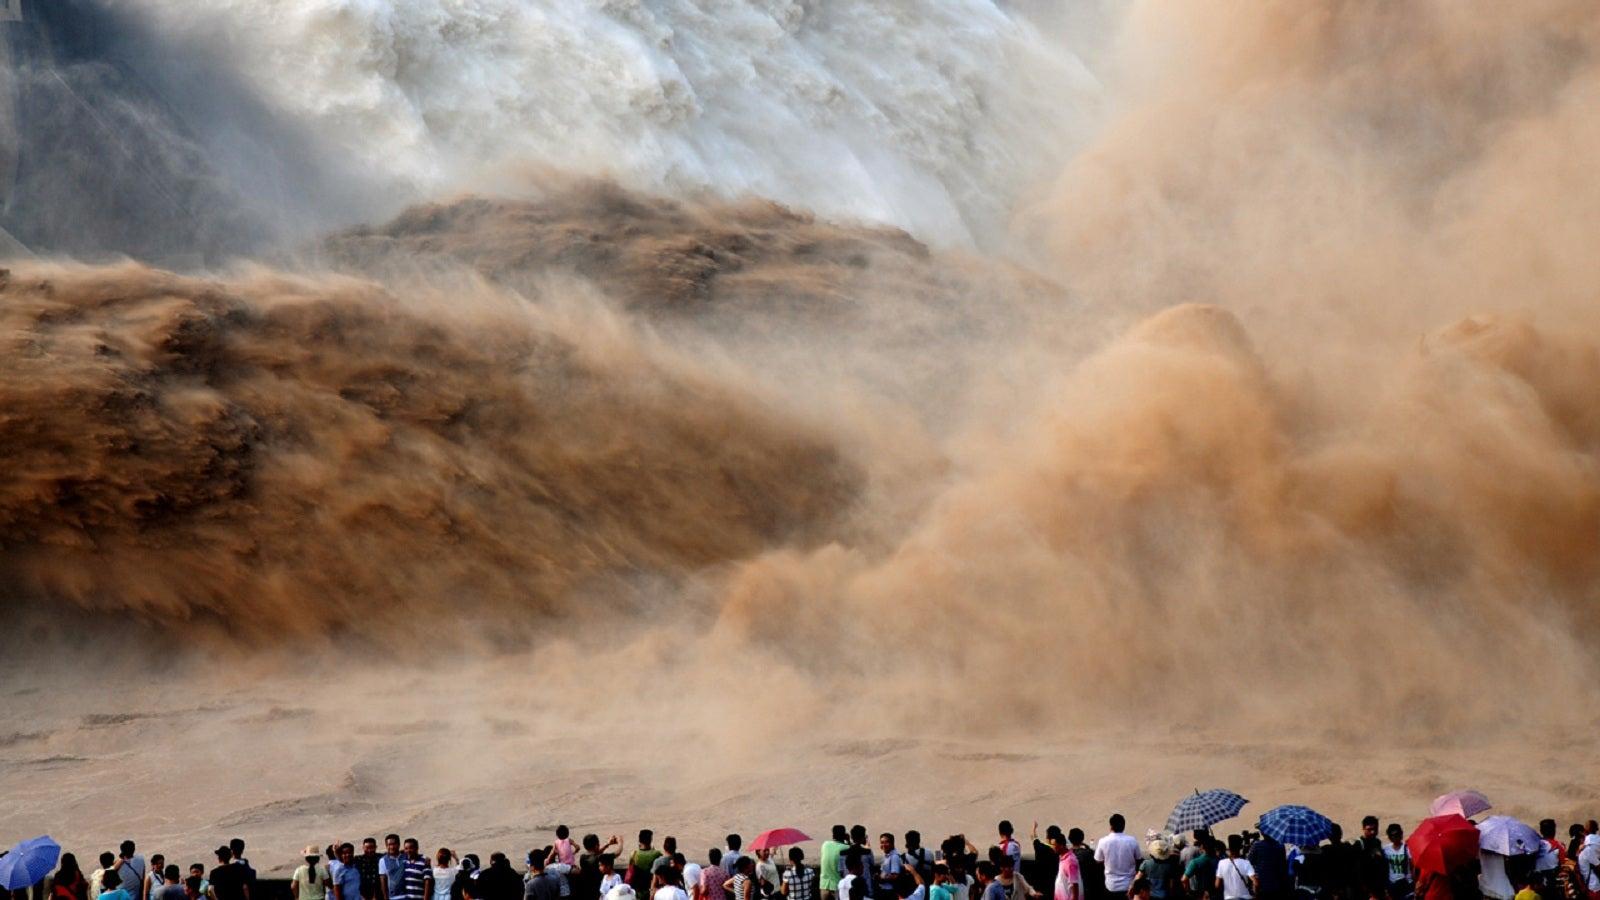 Monströse Wassermassen erschüttern die Xiaolangdi-Talsperre in China